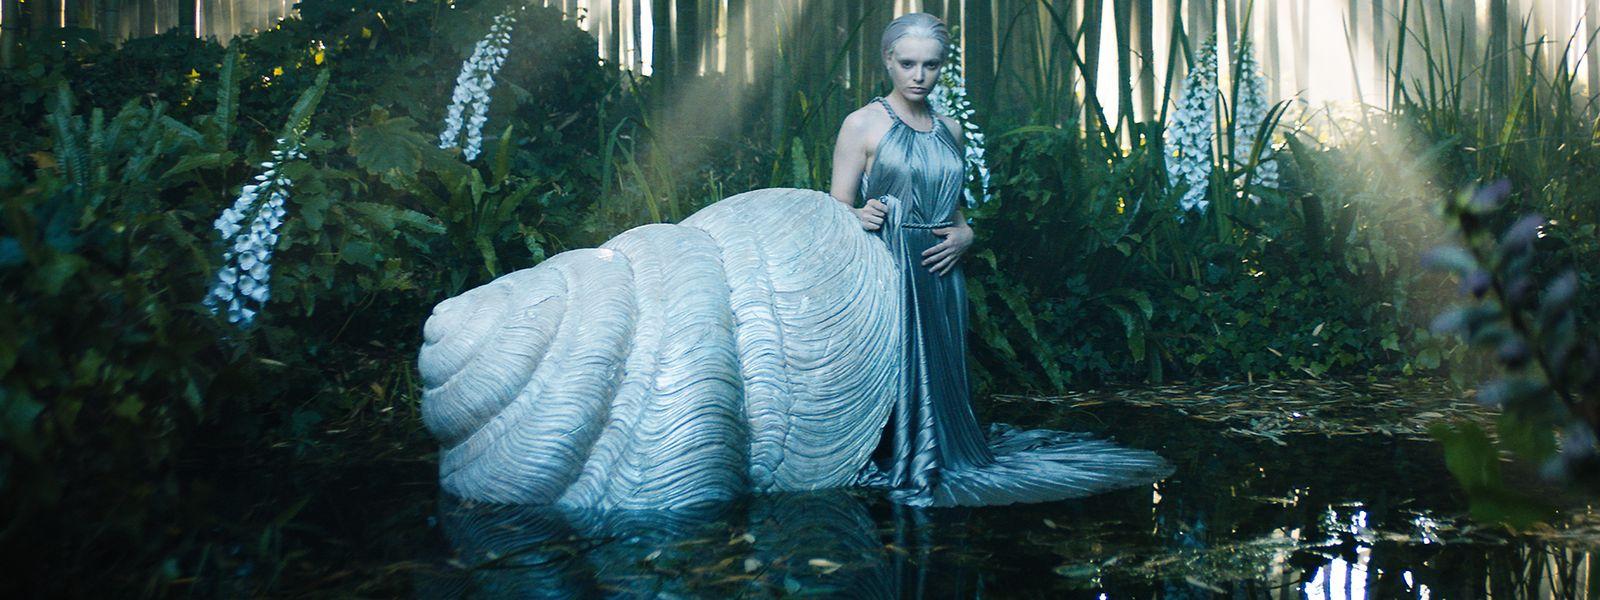 Dior entführte die Modefans in einem Kurzfilm auf eine märchenhafte Reise.